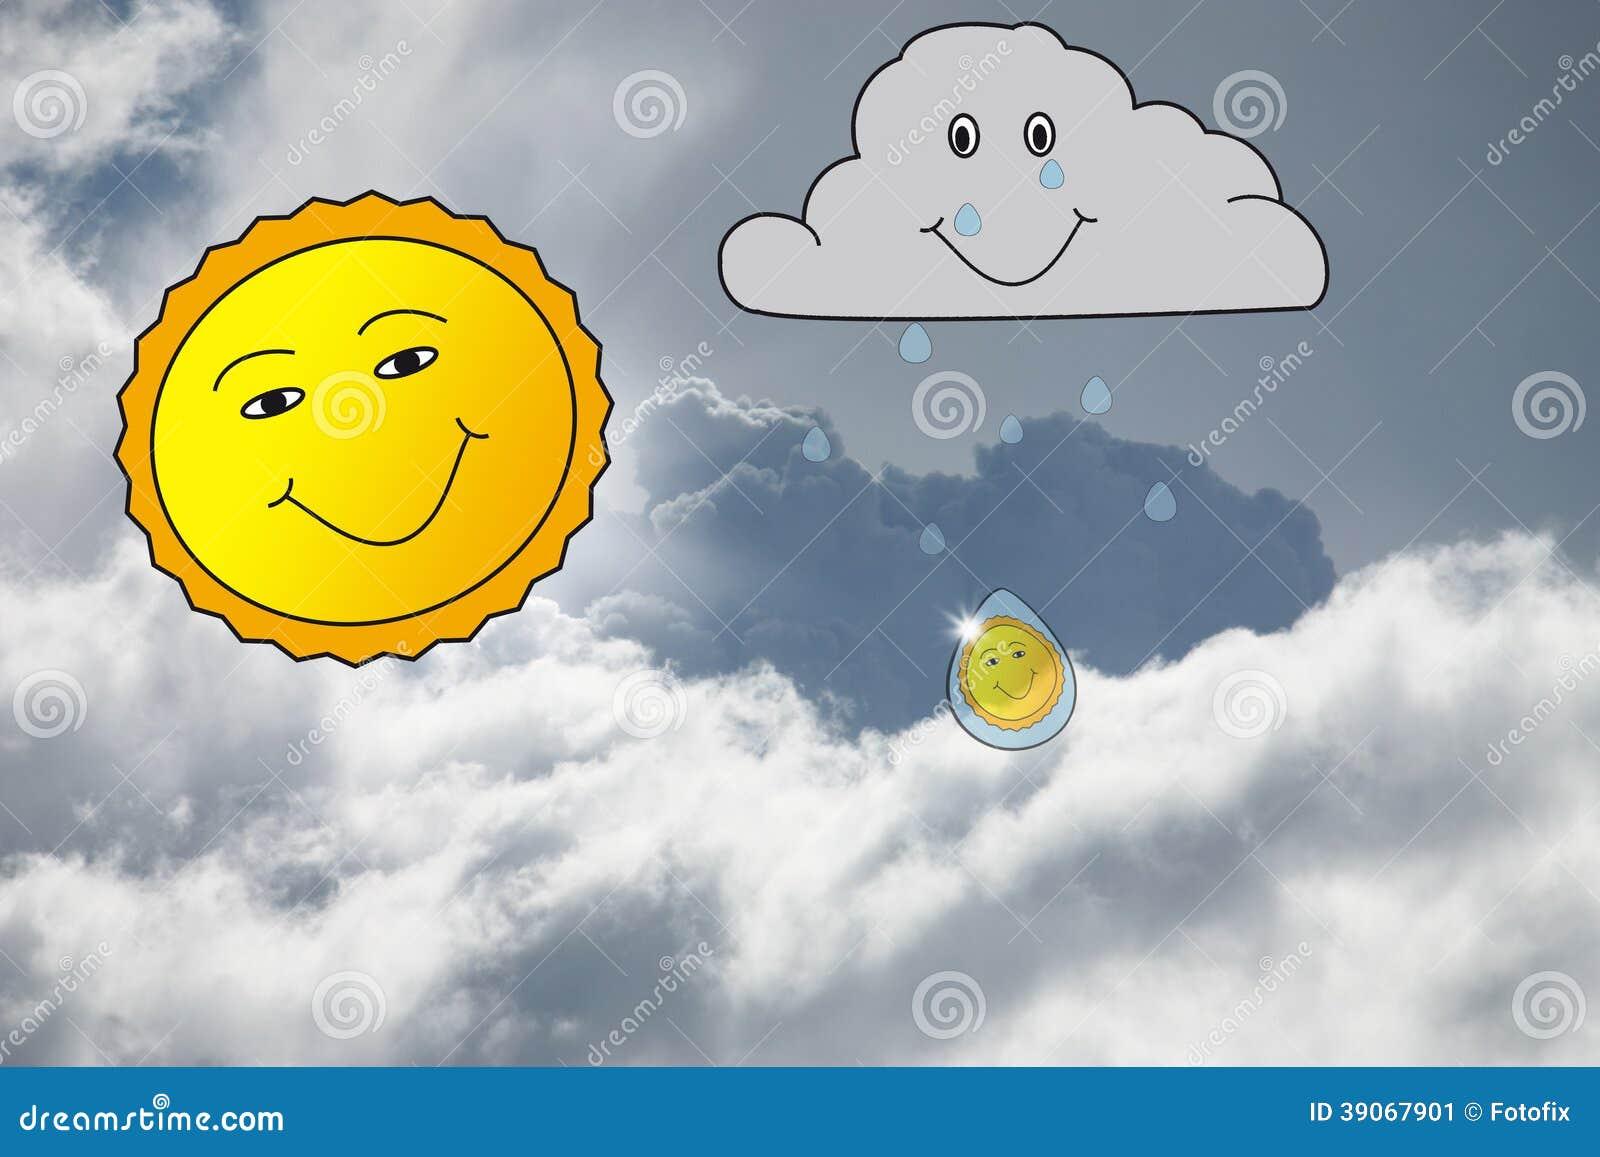 Regen En Zonneschijn : Zonneschijn en regen stock illustratie illustratie bestaande uit